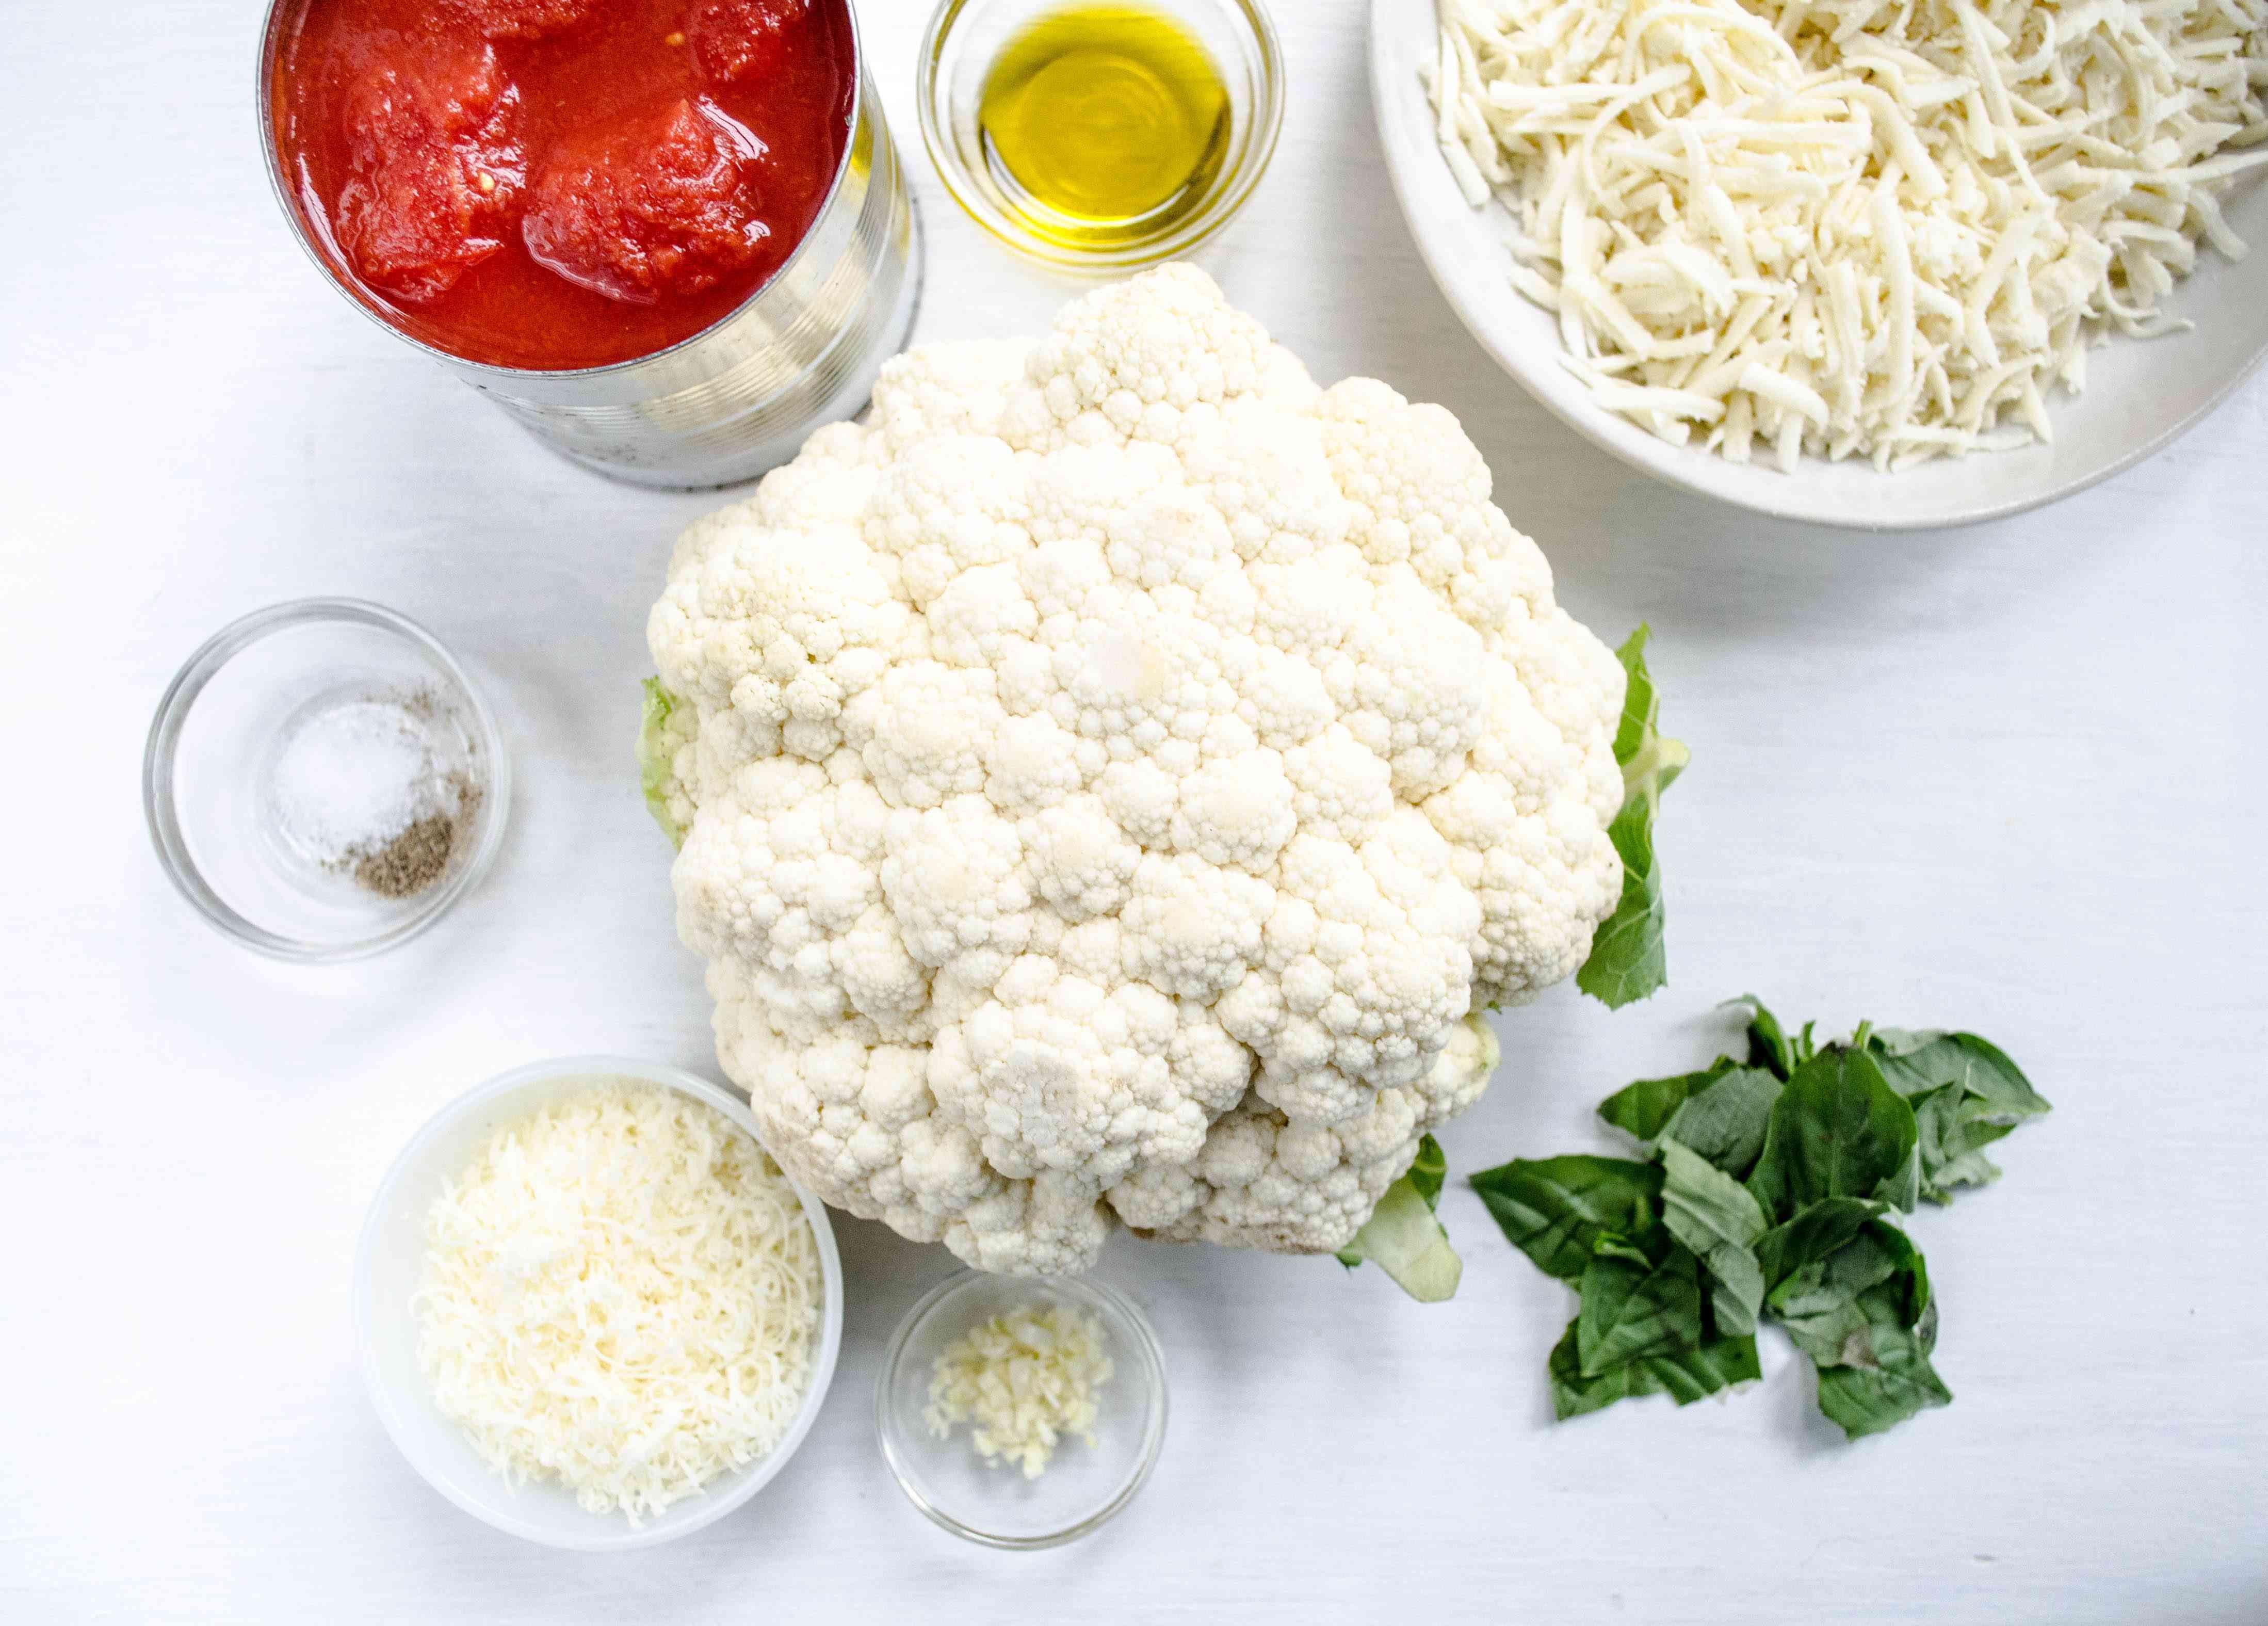 Cauliflower Parmesan Ingredients